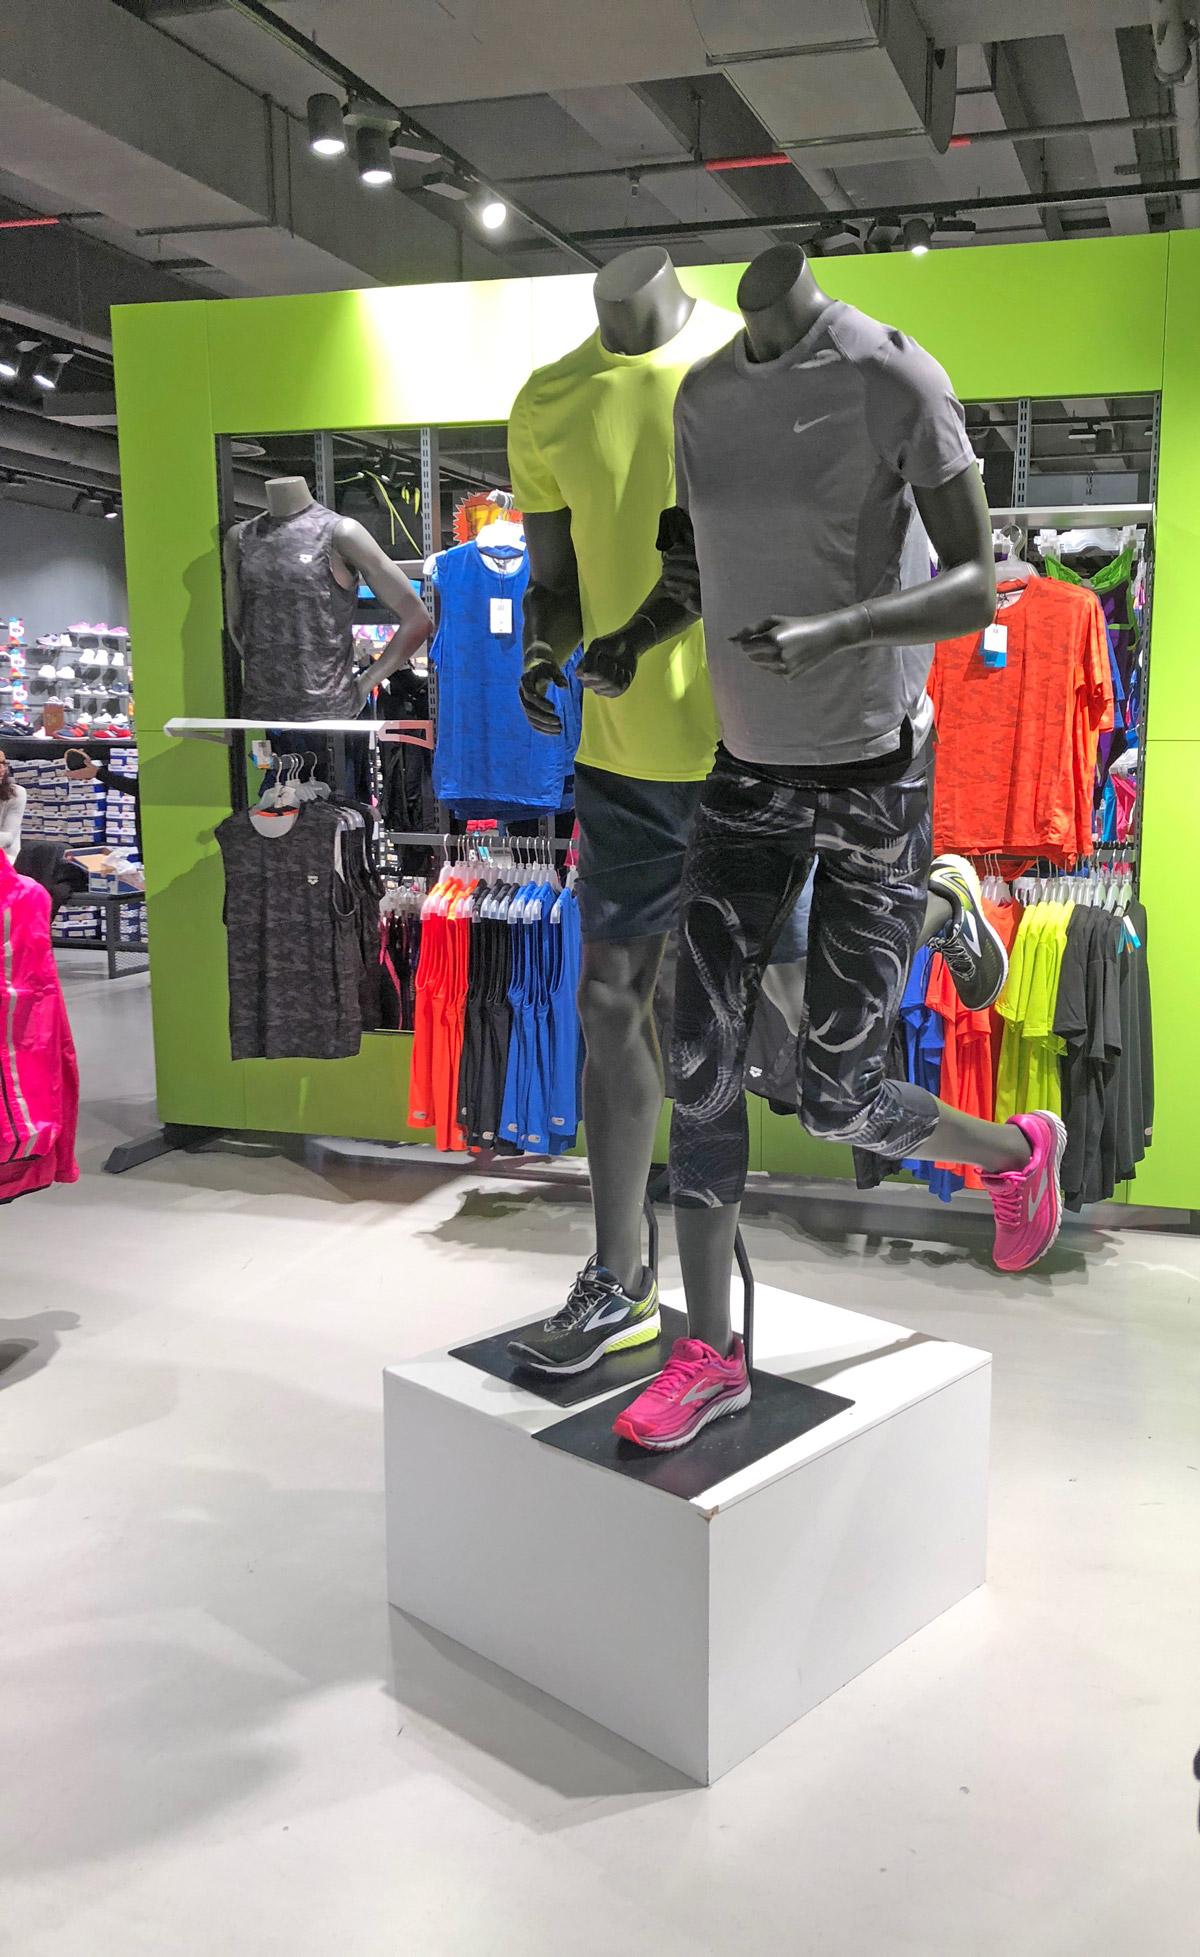 Nike - Yu Retail di Francesco Zabini - Visual merchandising - Vetrine - Formazione - Store Design - Consulenza